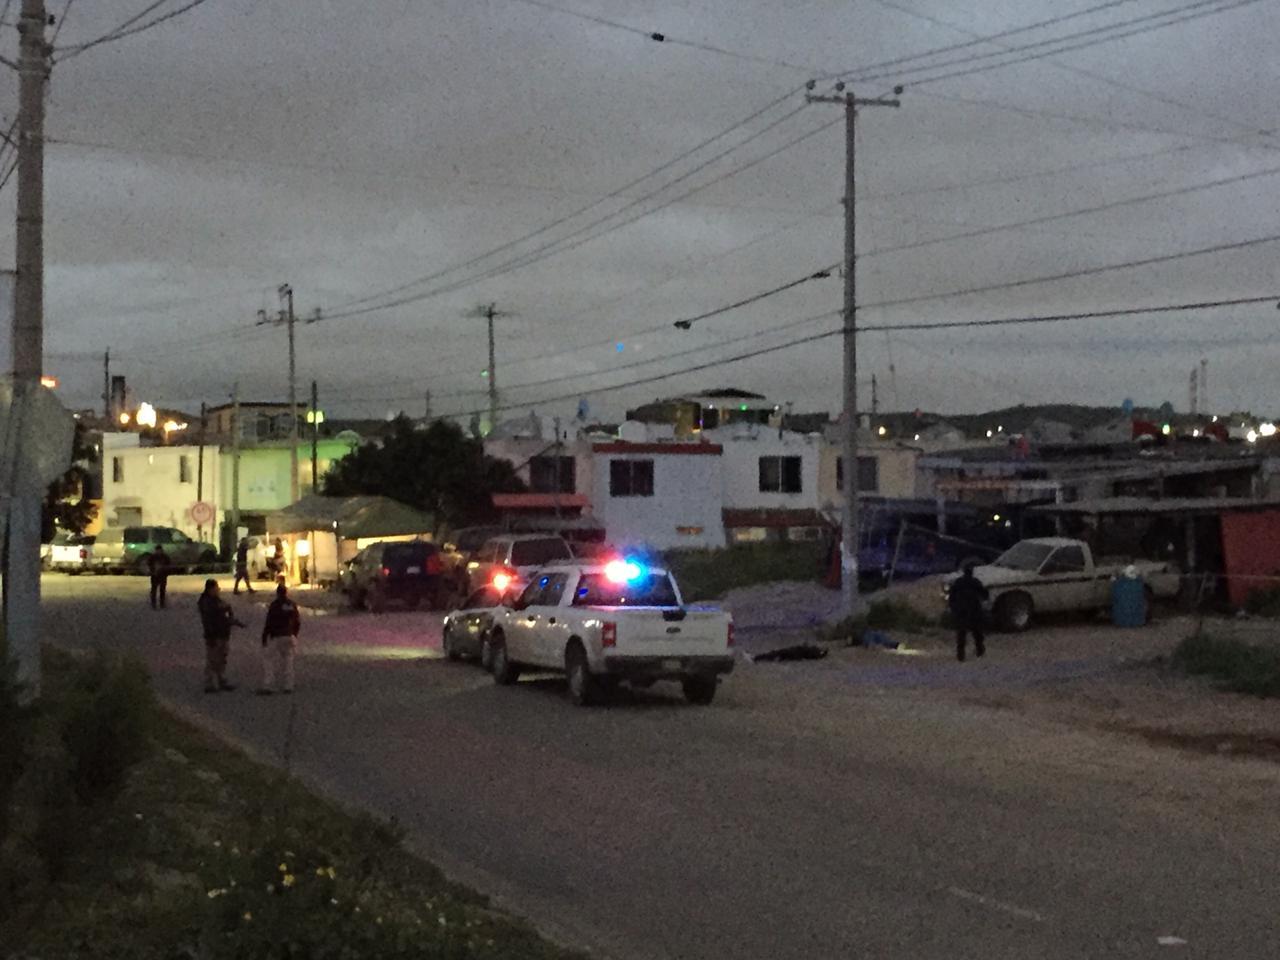 De múltiples disparos matan a dos en Pórticos de Santa Fe